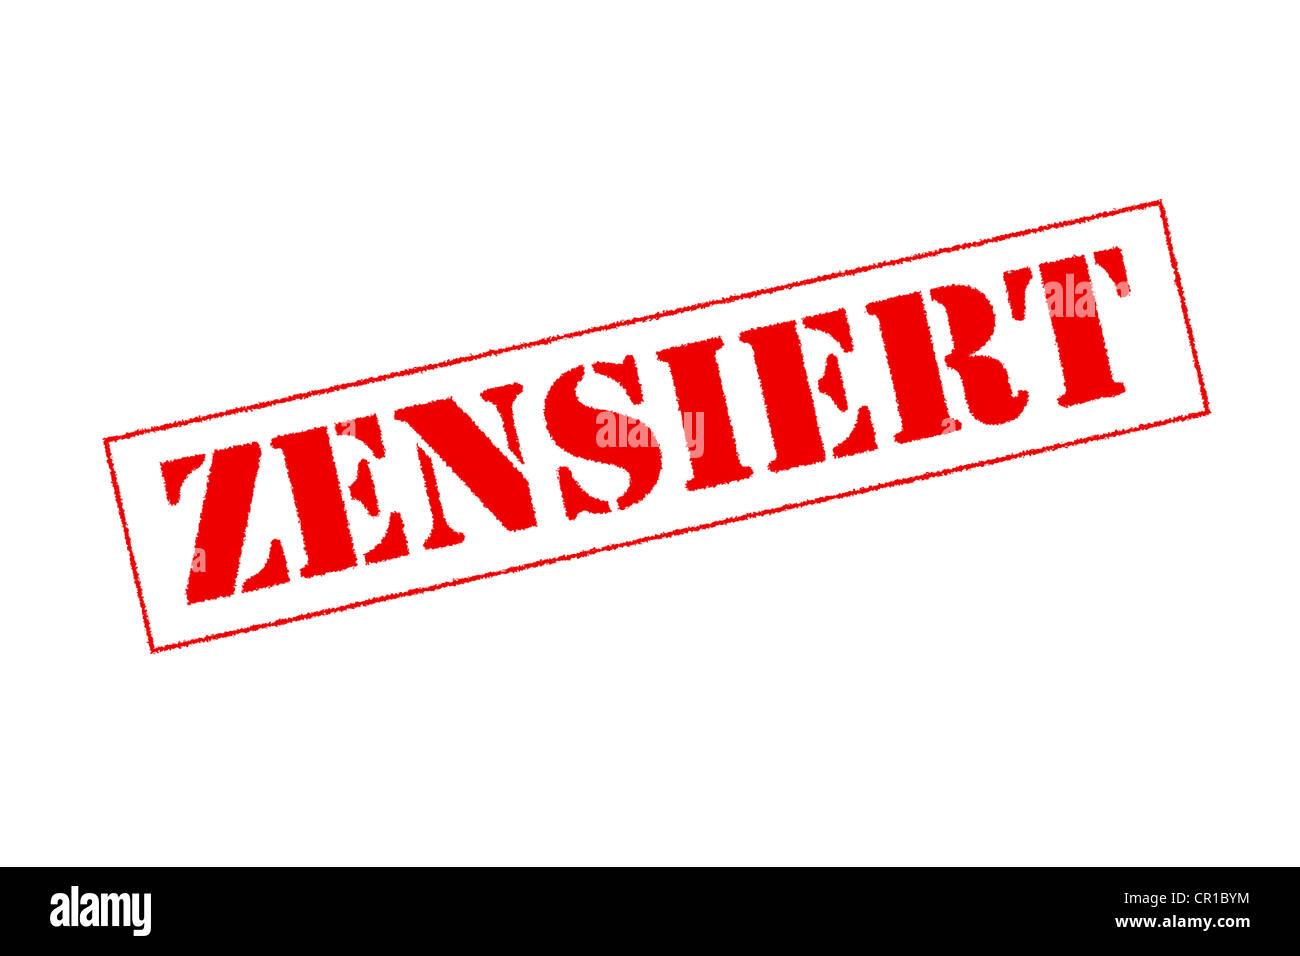 Word 'Zensiert' or censored - Stock Image